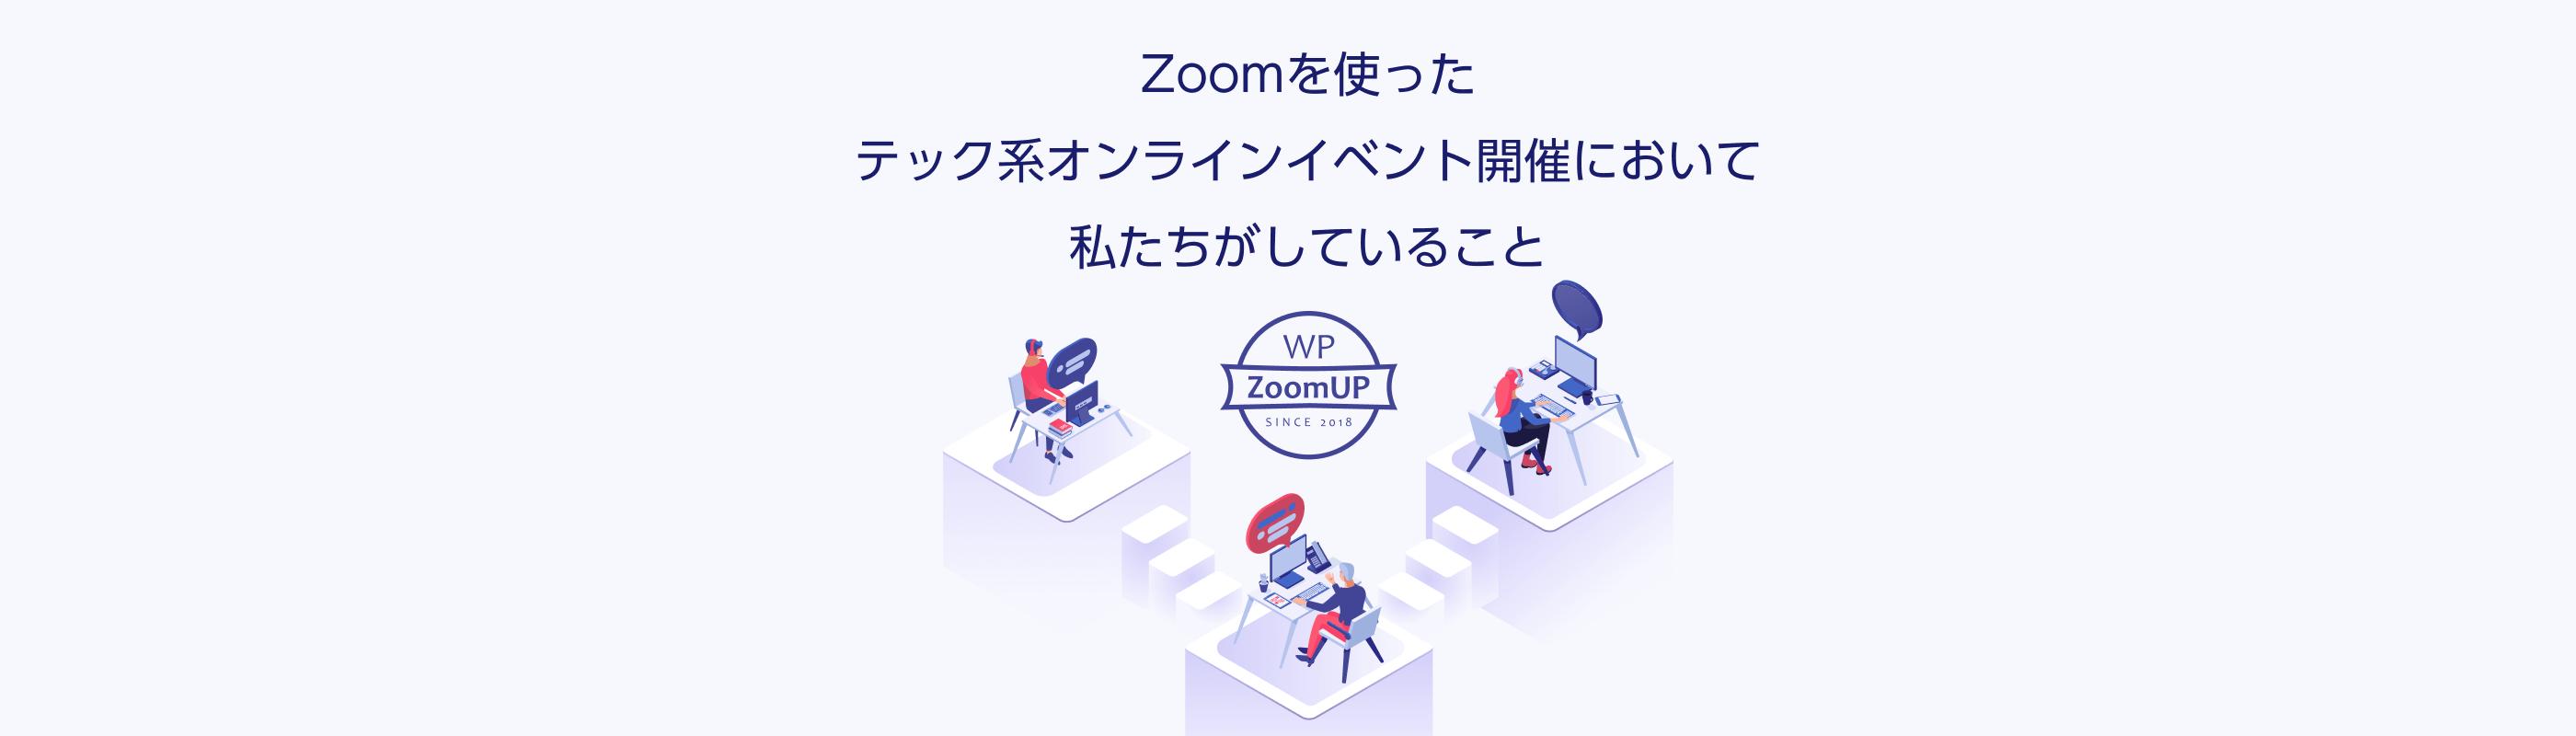 人数 制限 zoom